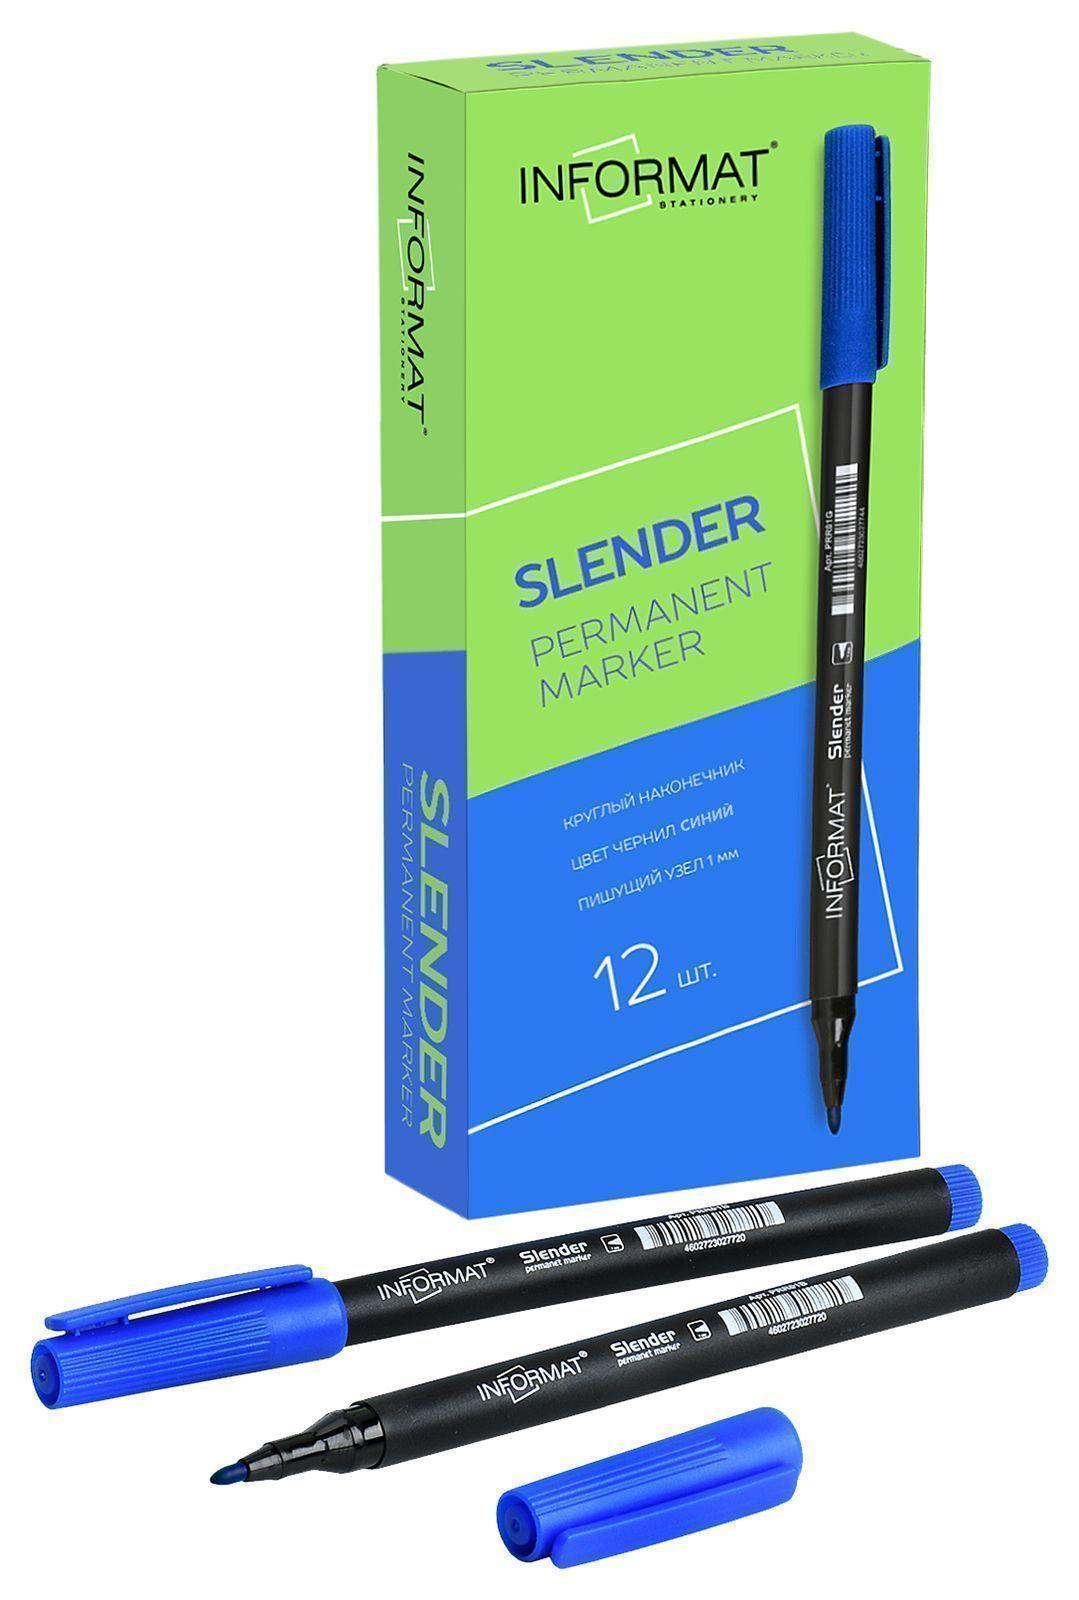 Маркер перманентный INFORMAT Slender 1 мм синий круглый